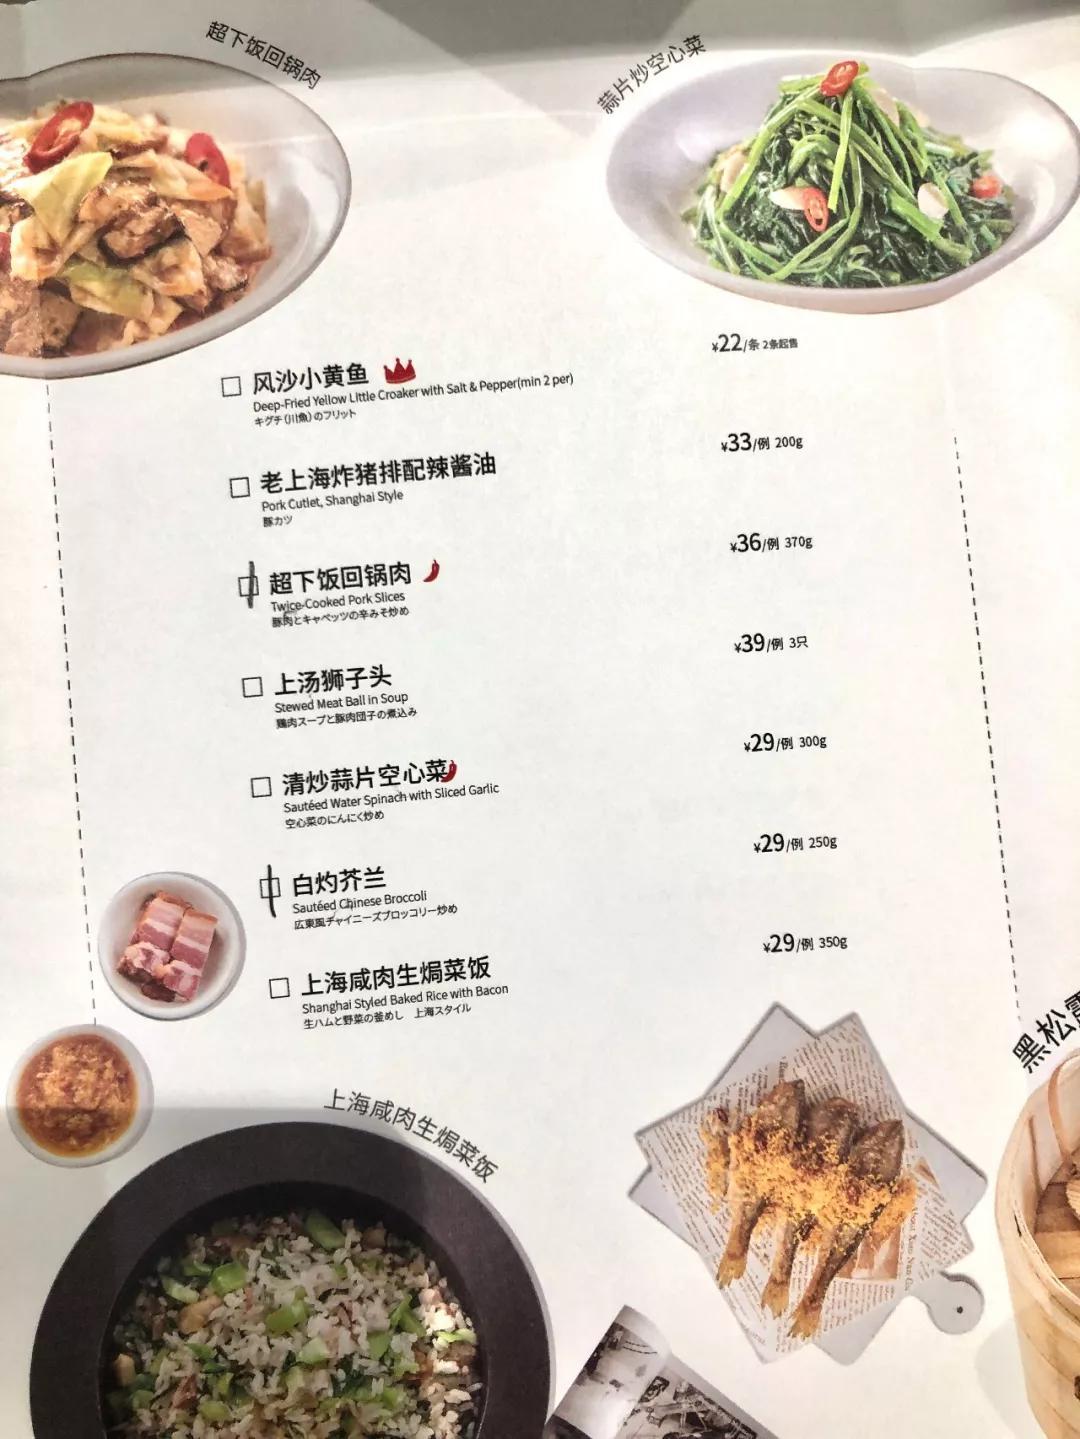 只有外国能做出天价美食?台湾牛肉面实力打脸,售价10000块!